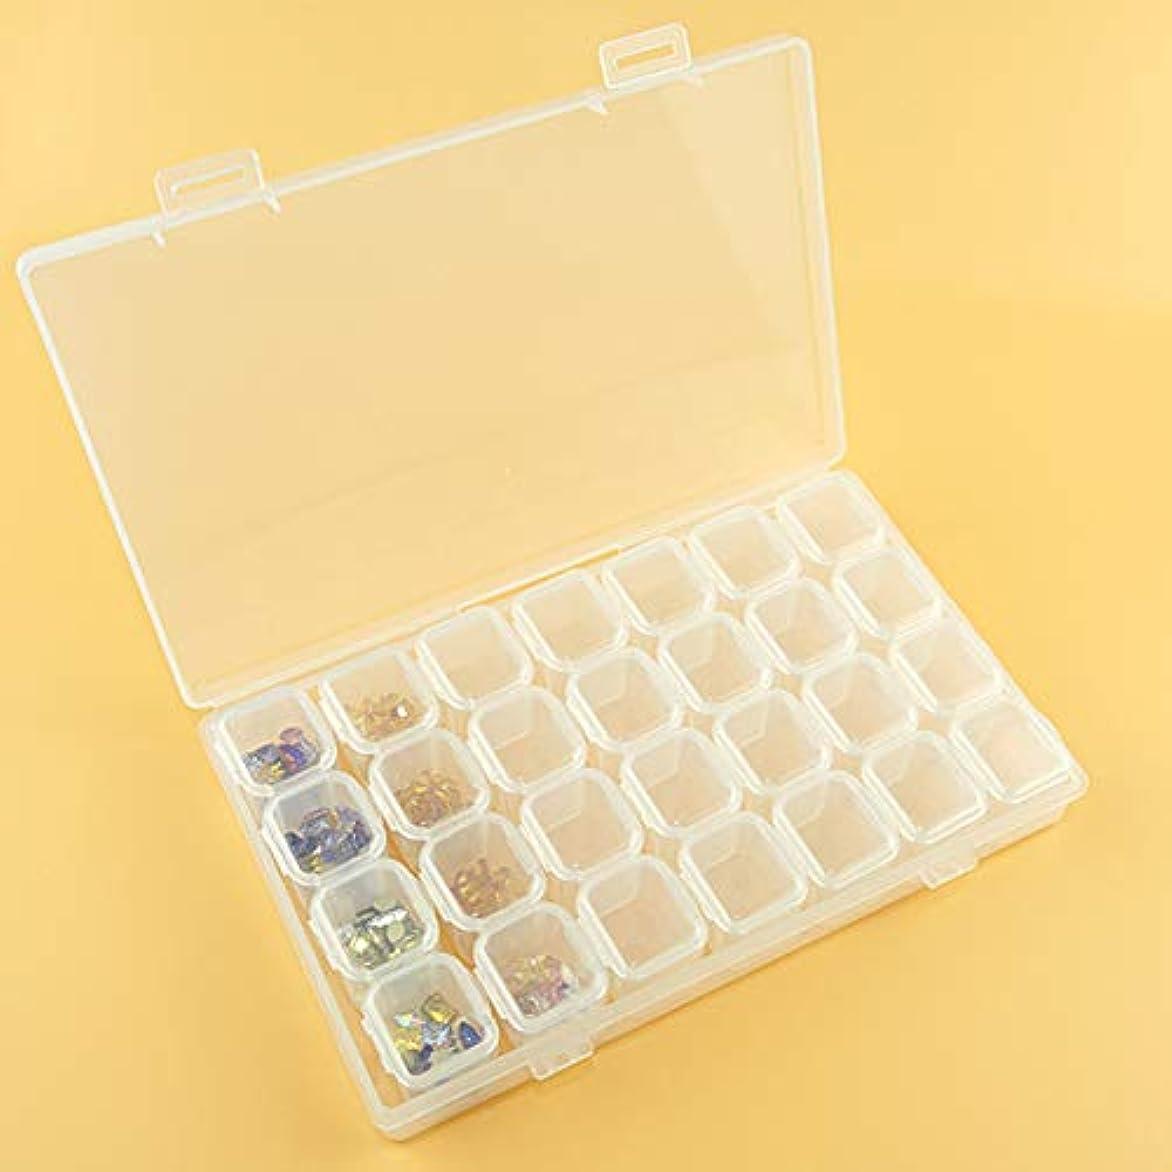 作動するレタス借りるhamulekfae-透明28コンパートメントネイルアートラインストーンジュエリー装飾収納ボックス - 透明Transparent